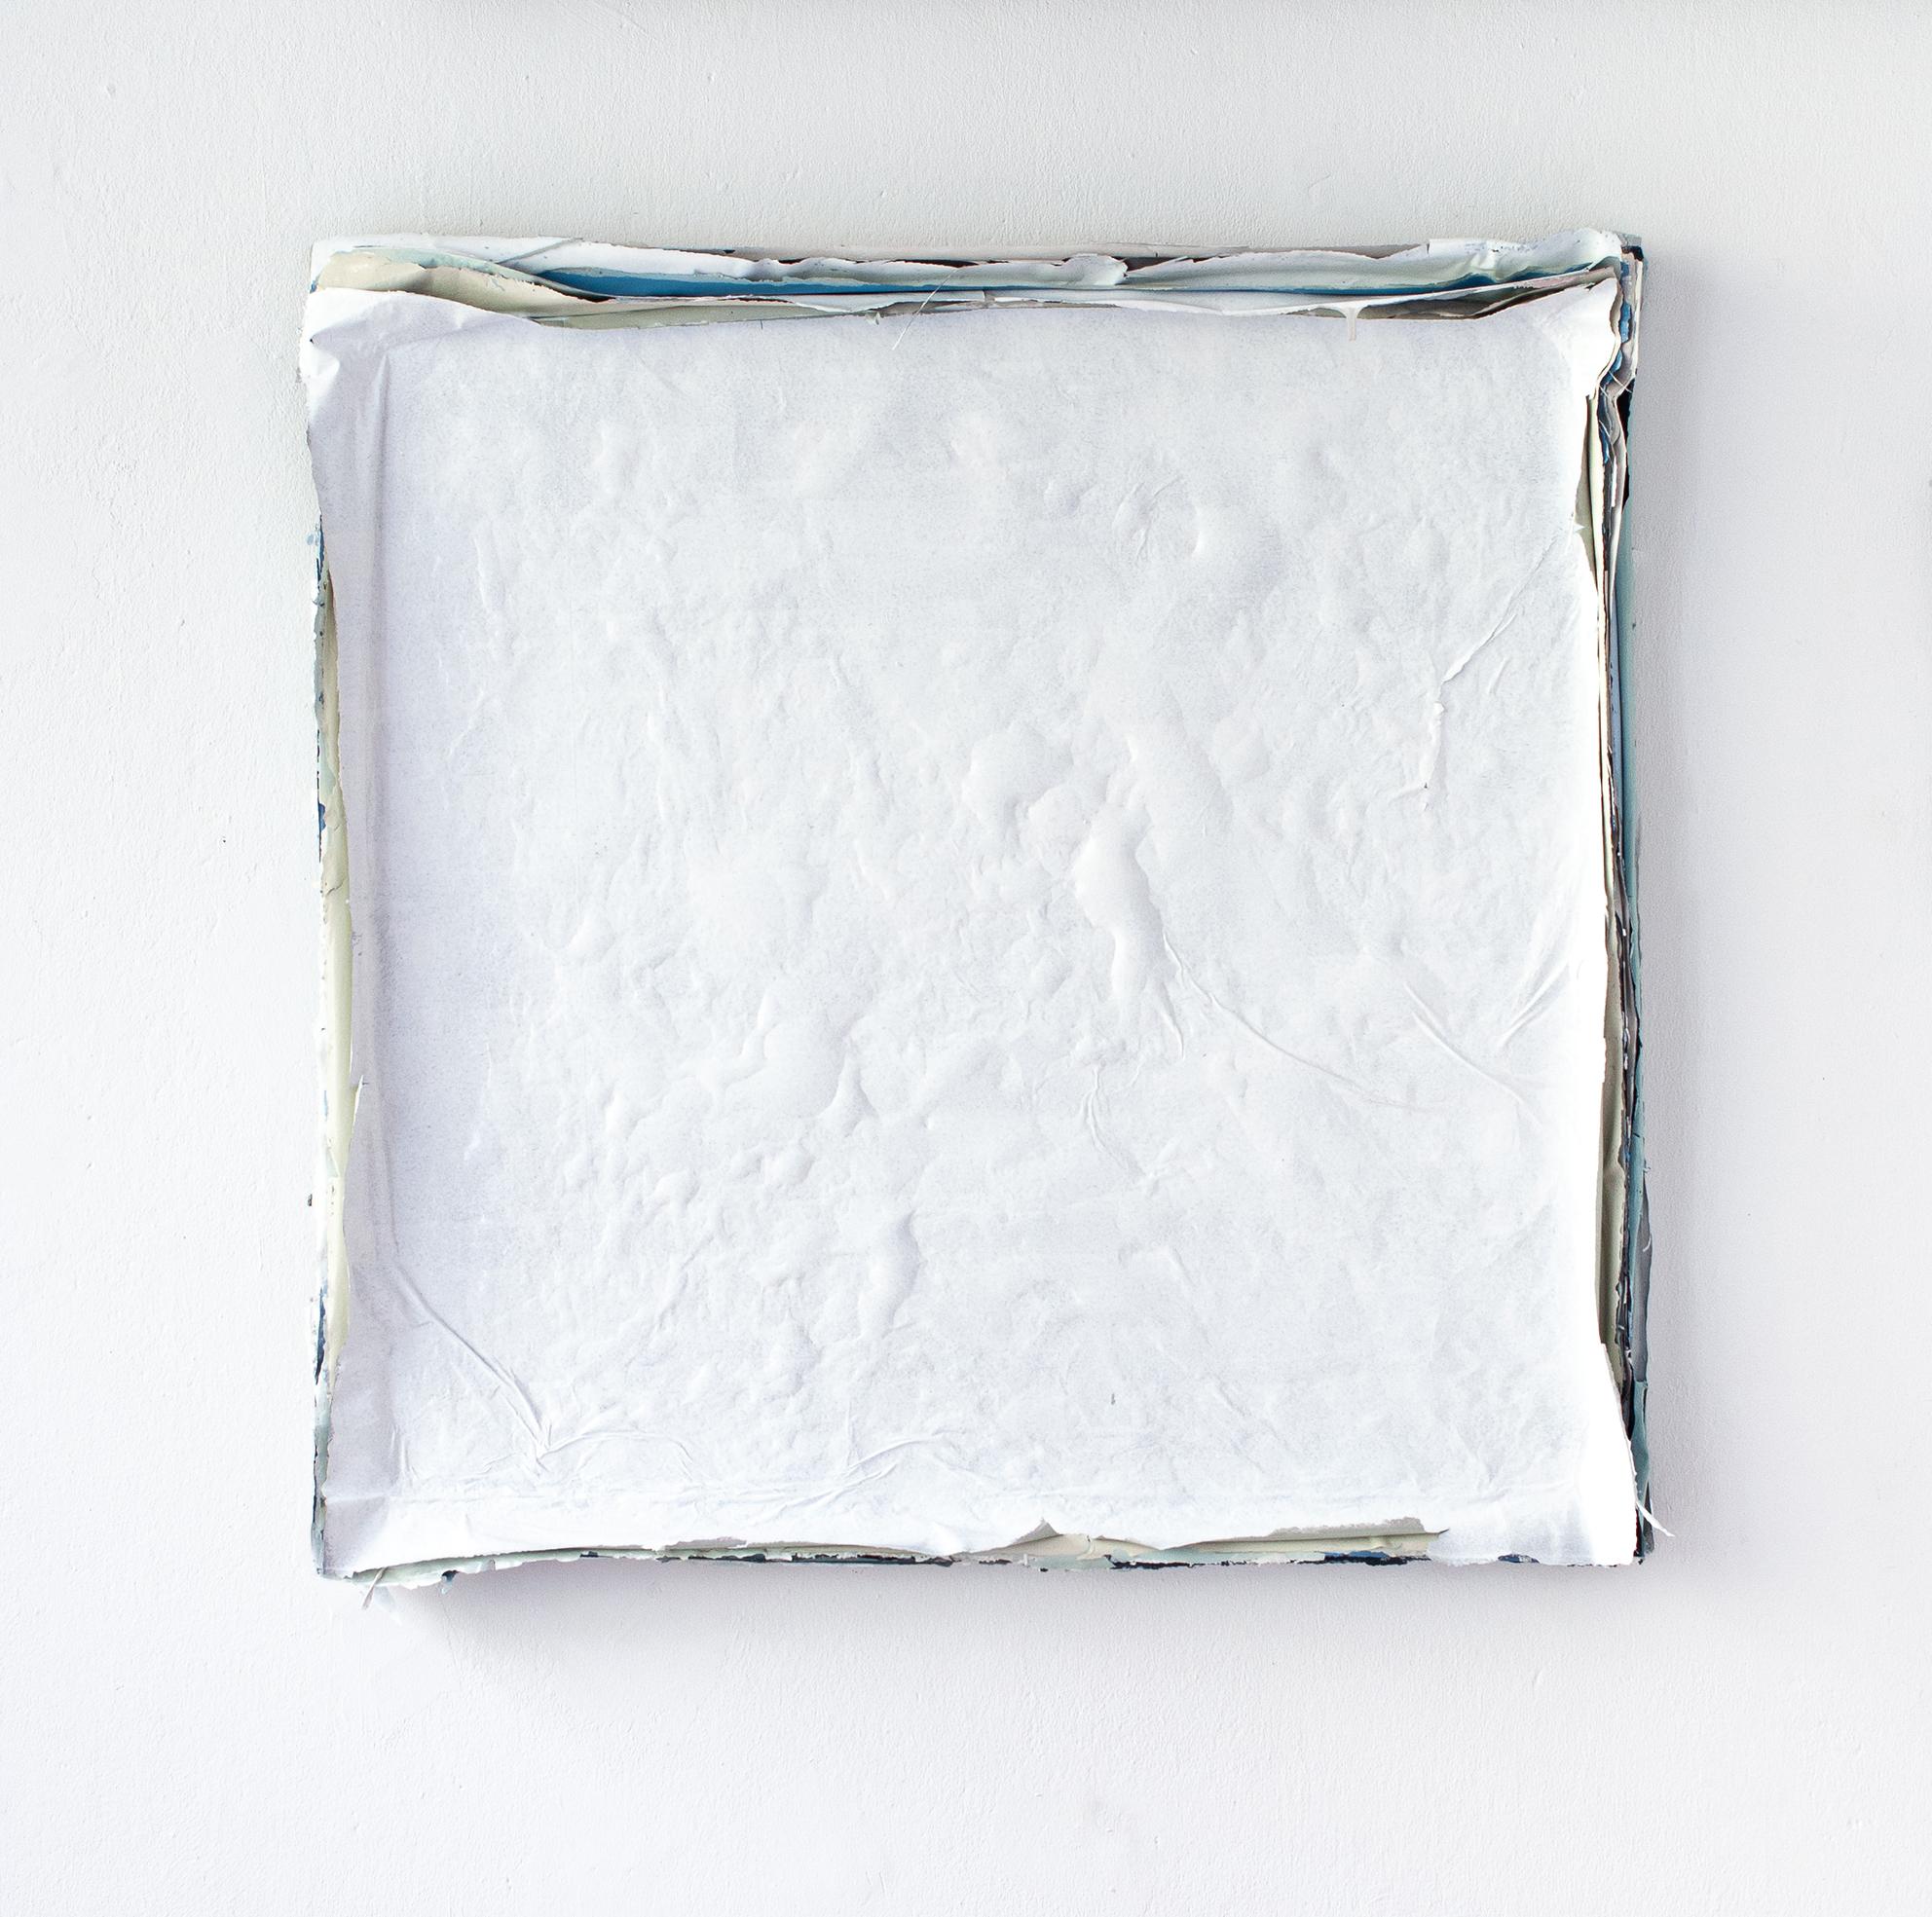 Małgorzata Pawlak, Warstwowy, 2019, 75x75 cm, akryl na płótnie